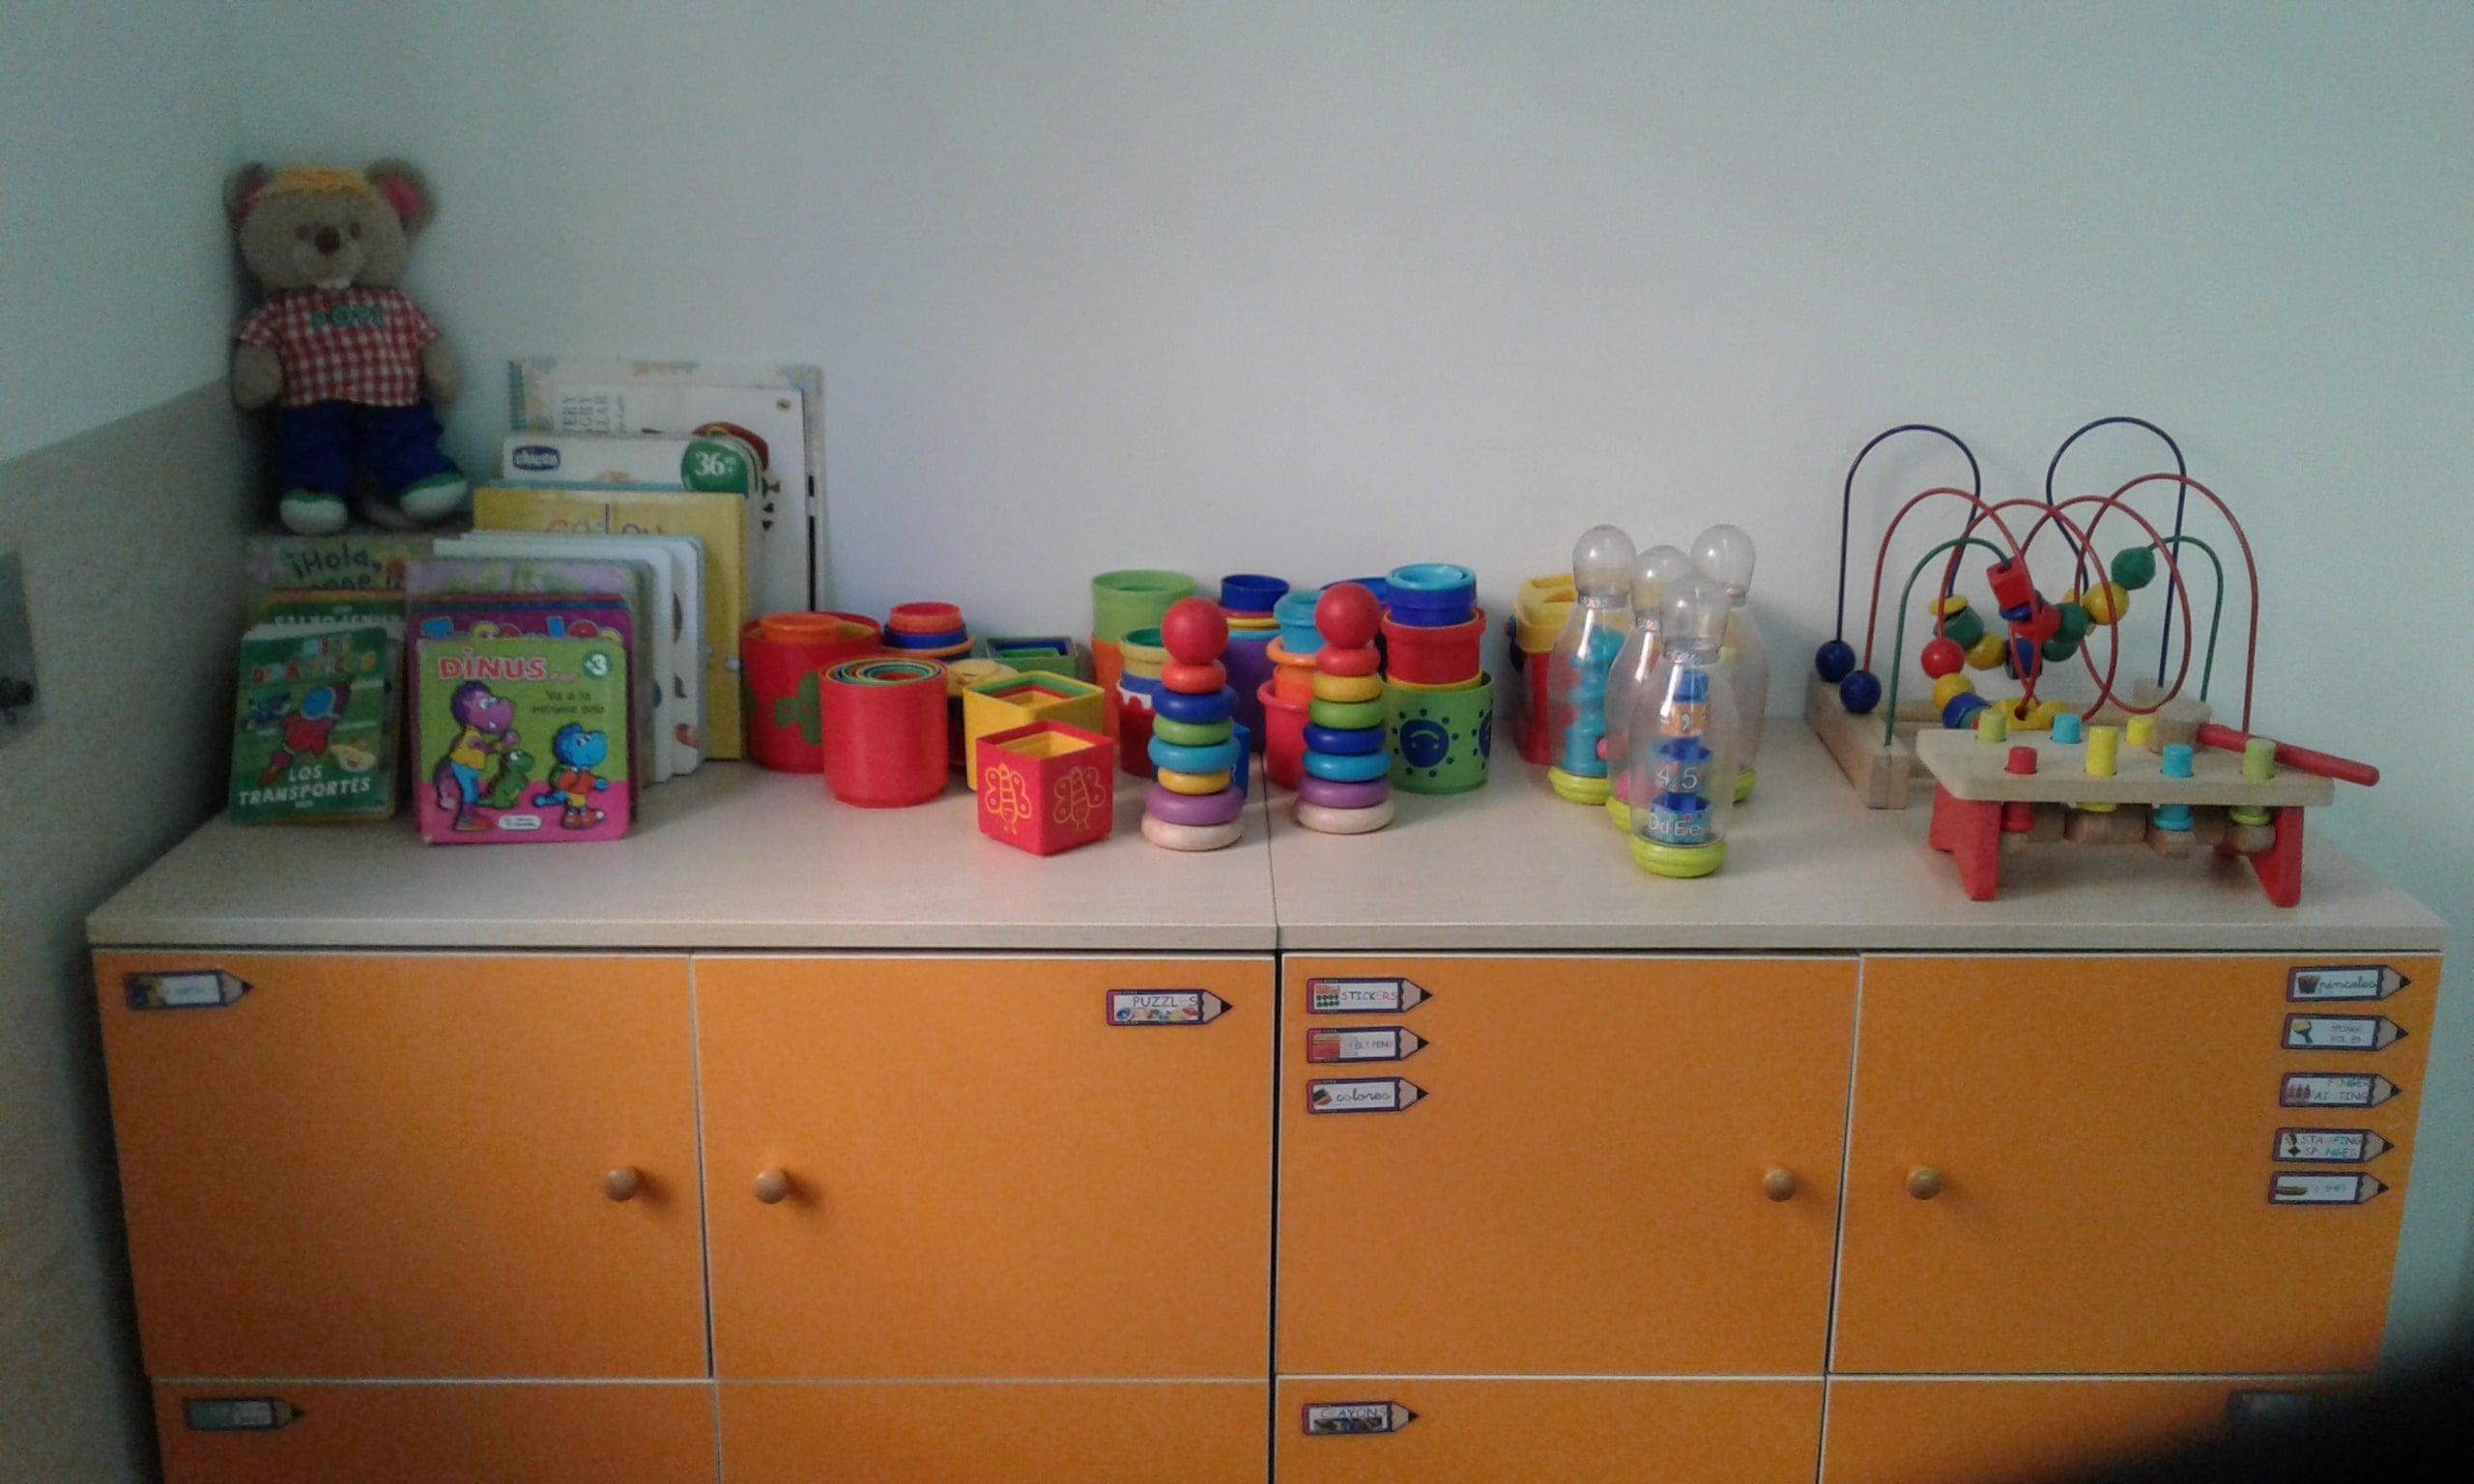 escuela infantil bilingüe en Valencia - estante con juguetes